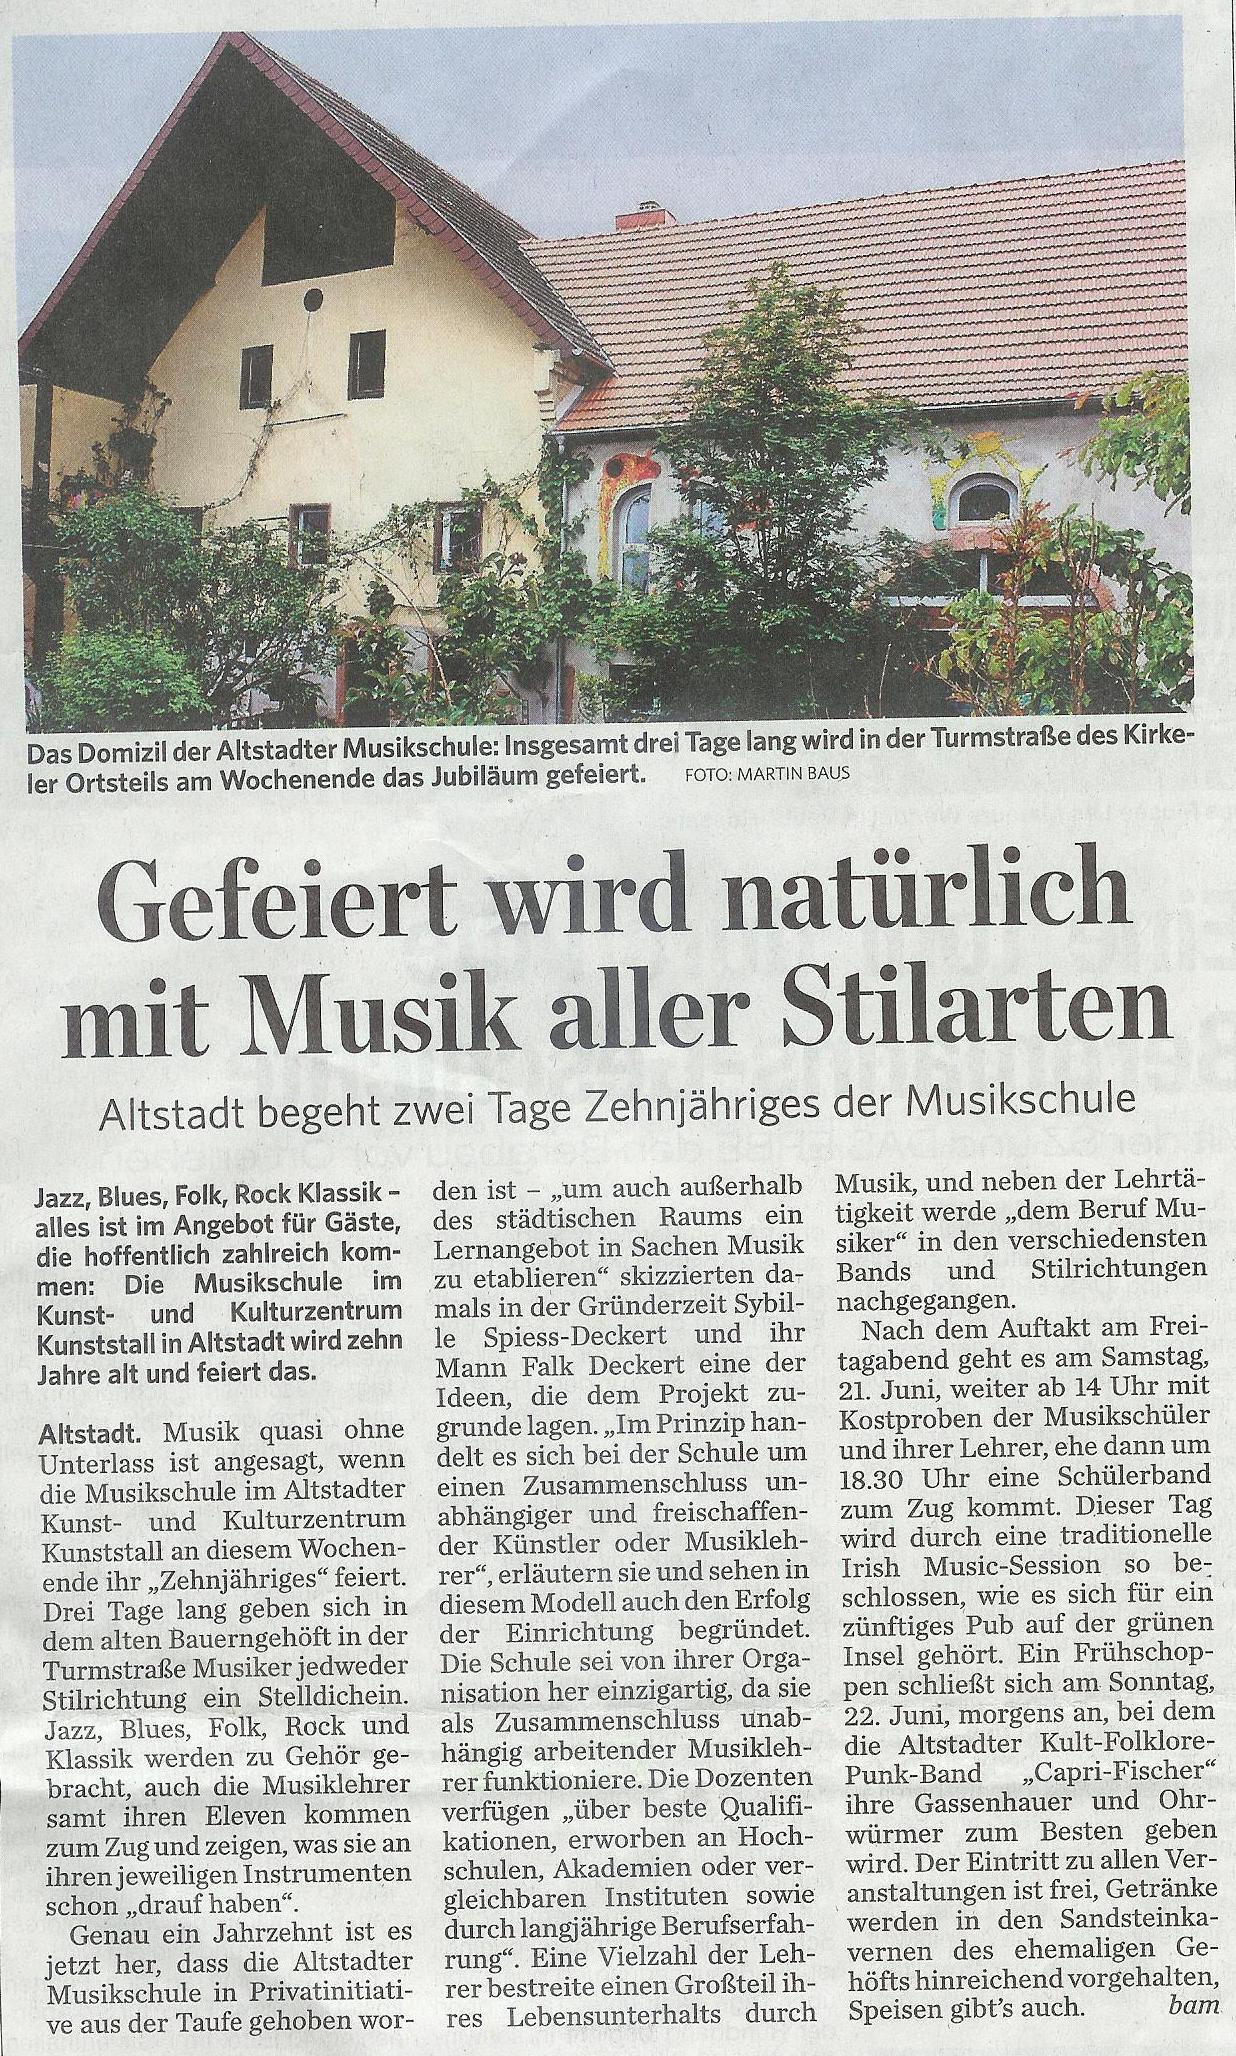 Artikel Saarbrücker Zeitung 001